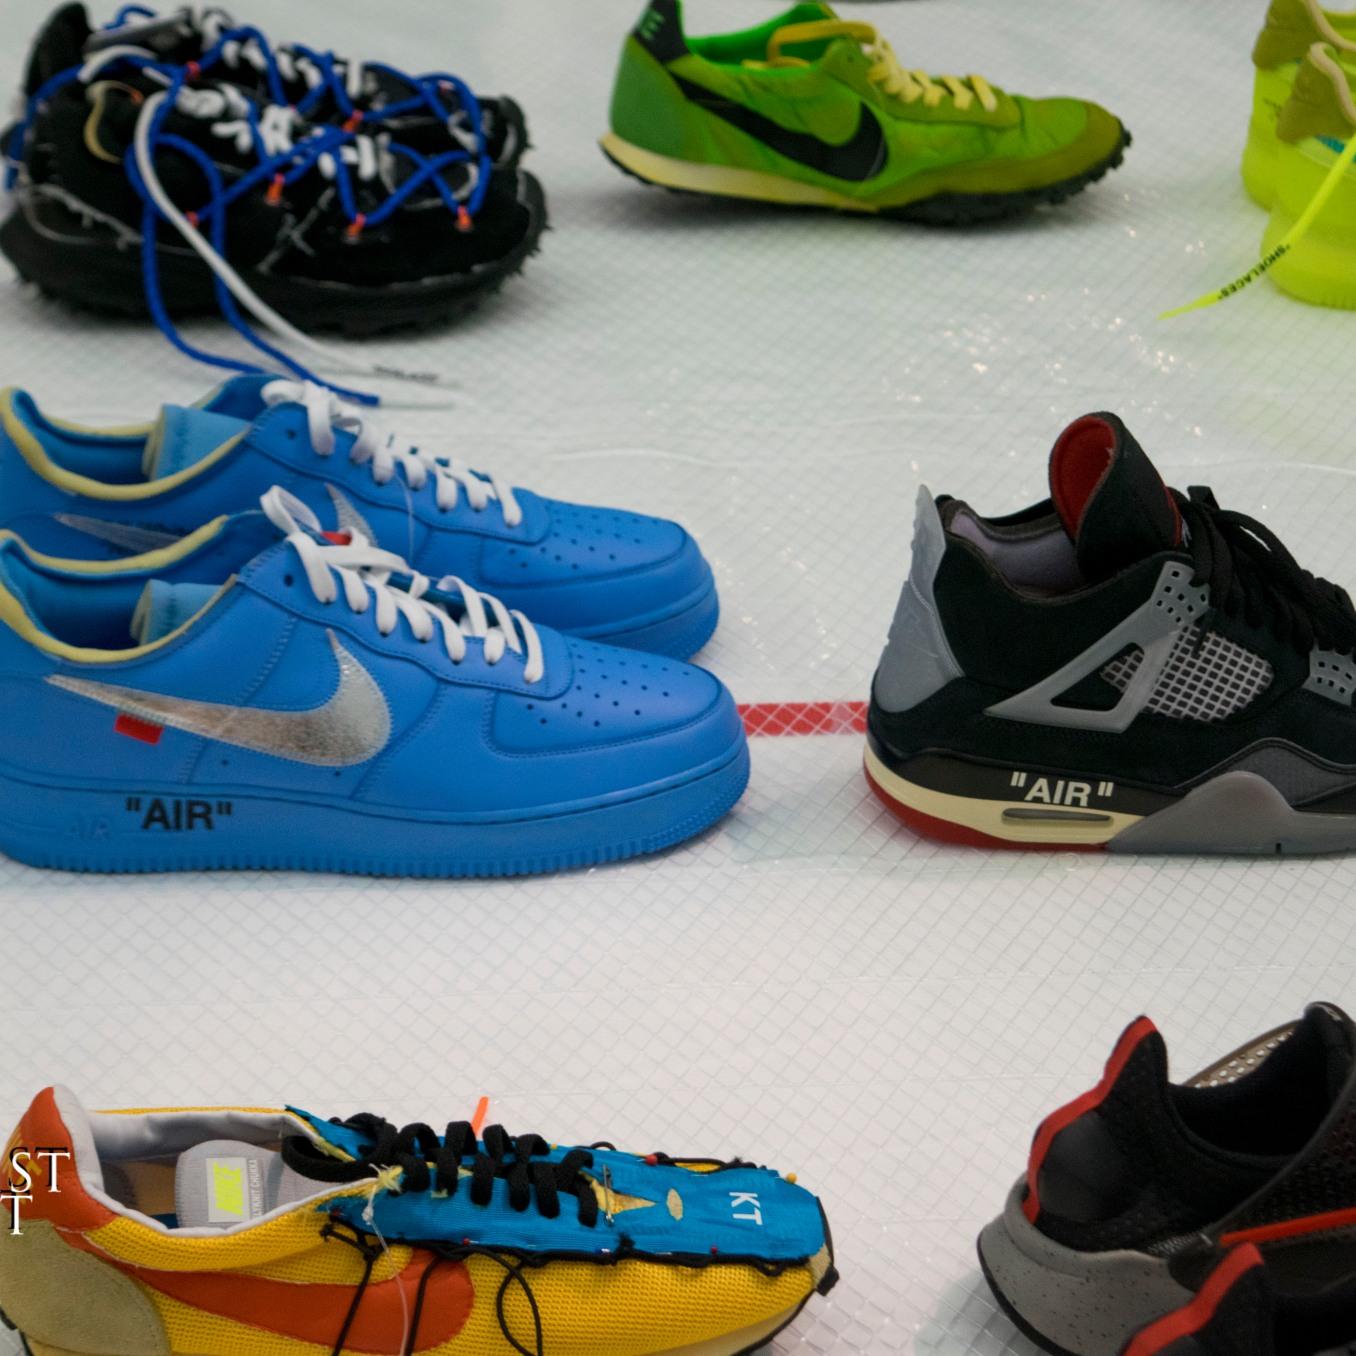 Unreleased OFF-WHITE Air Jordan & Nike